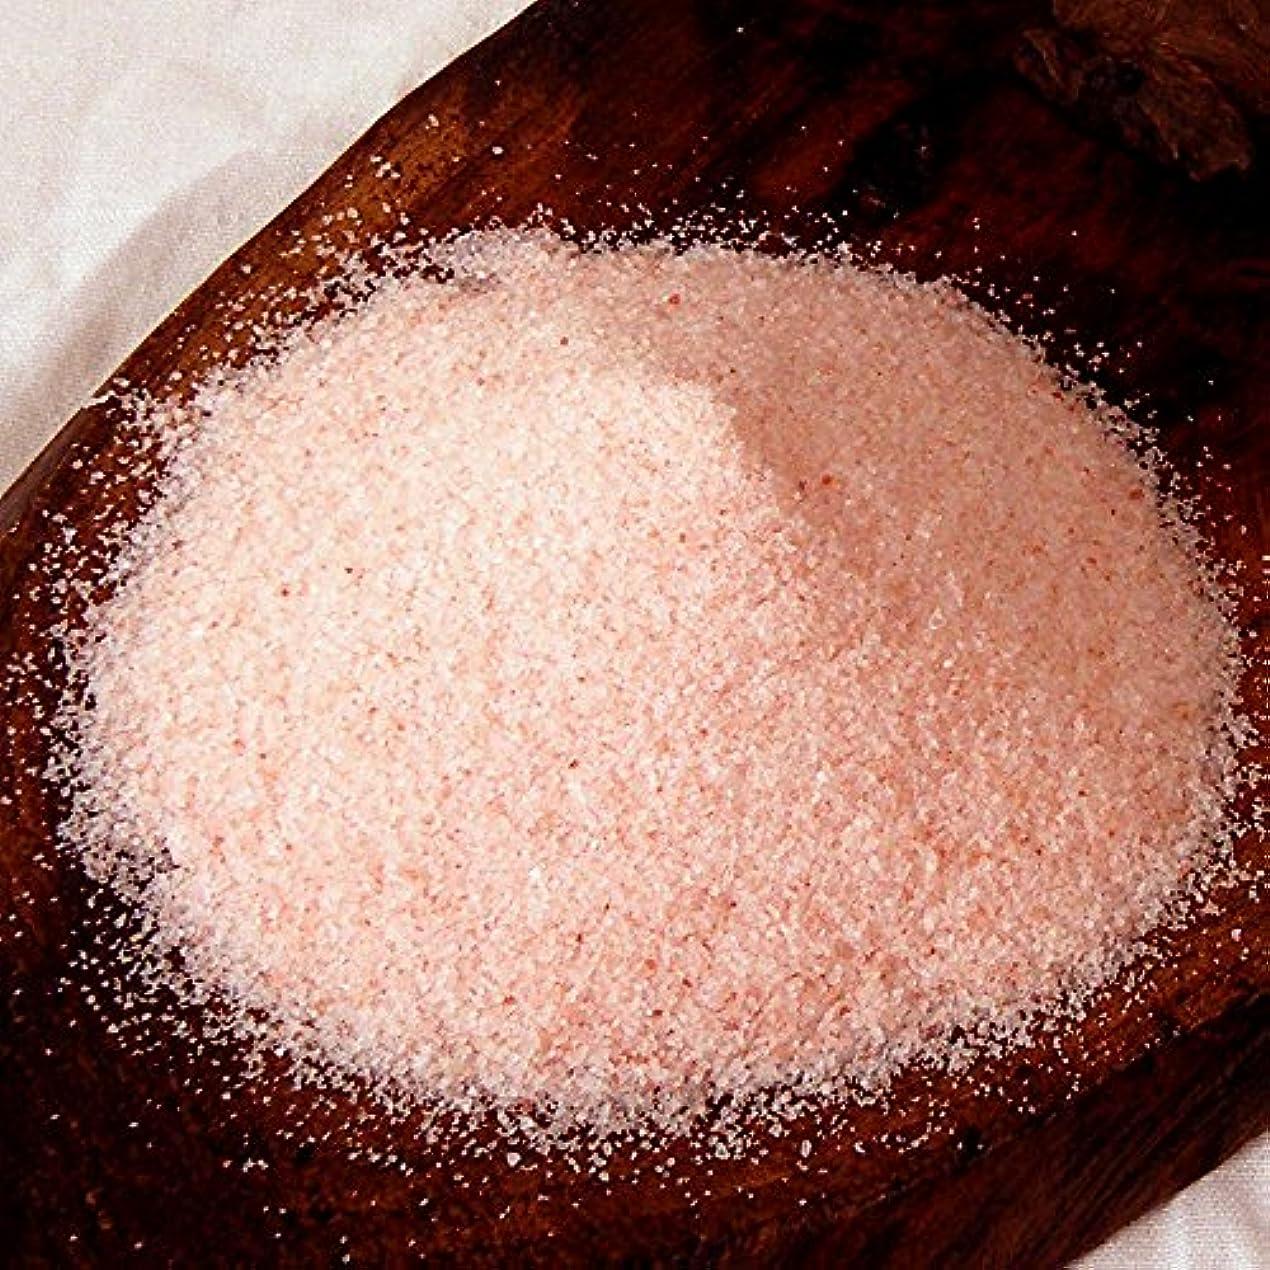 鼻触覚従者ヒマラヤ岩塩 バスソルト ローズソルト 溶けやすい細粒タイプ 5kg 塩洗顔にも 【保管に便利な1kg×5パック】